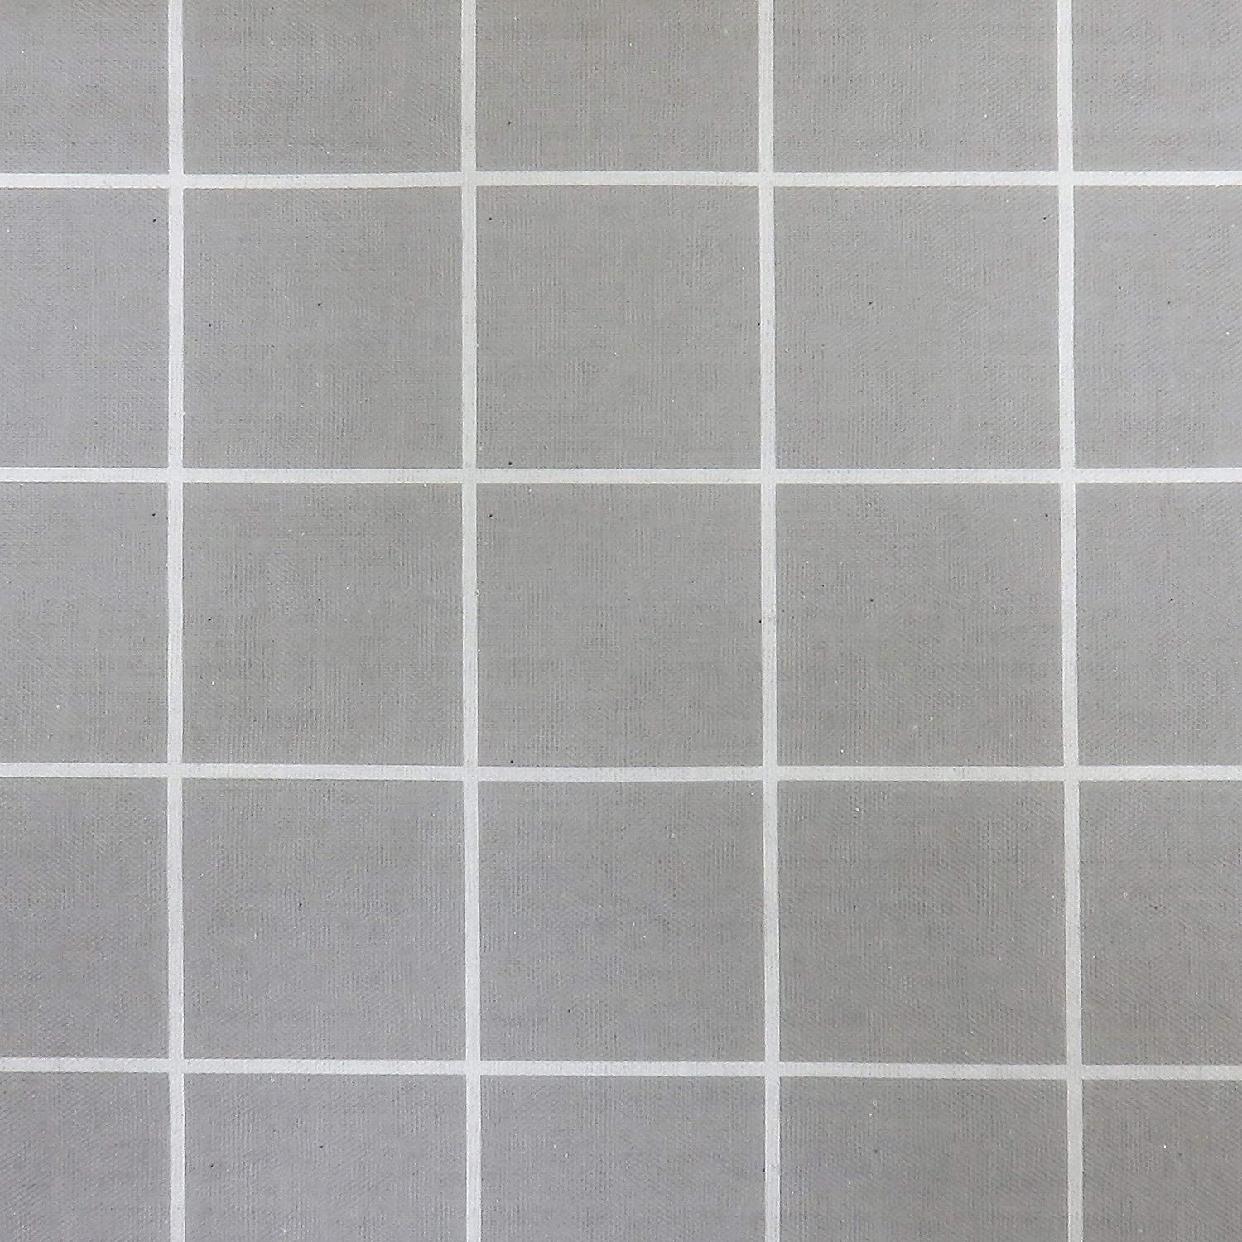 東和産業(TOWA) MSS キッチンボードに敷くシート 35の商品画像6